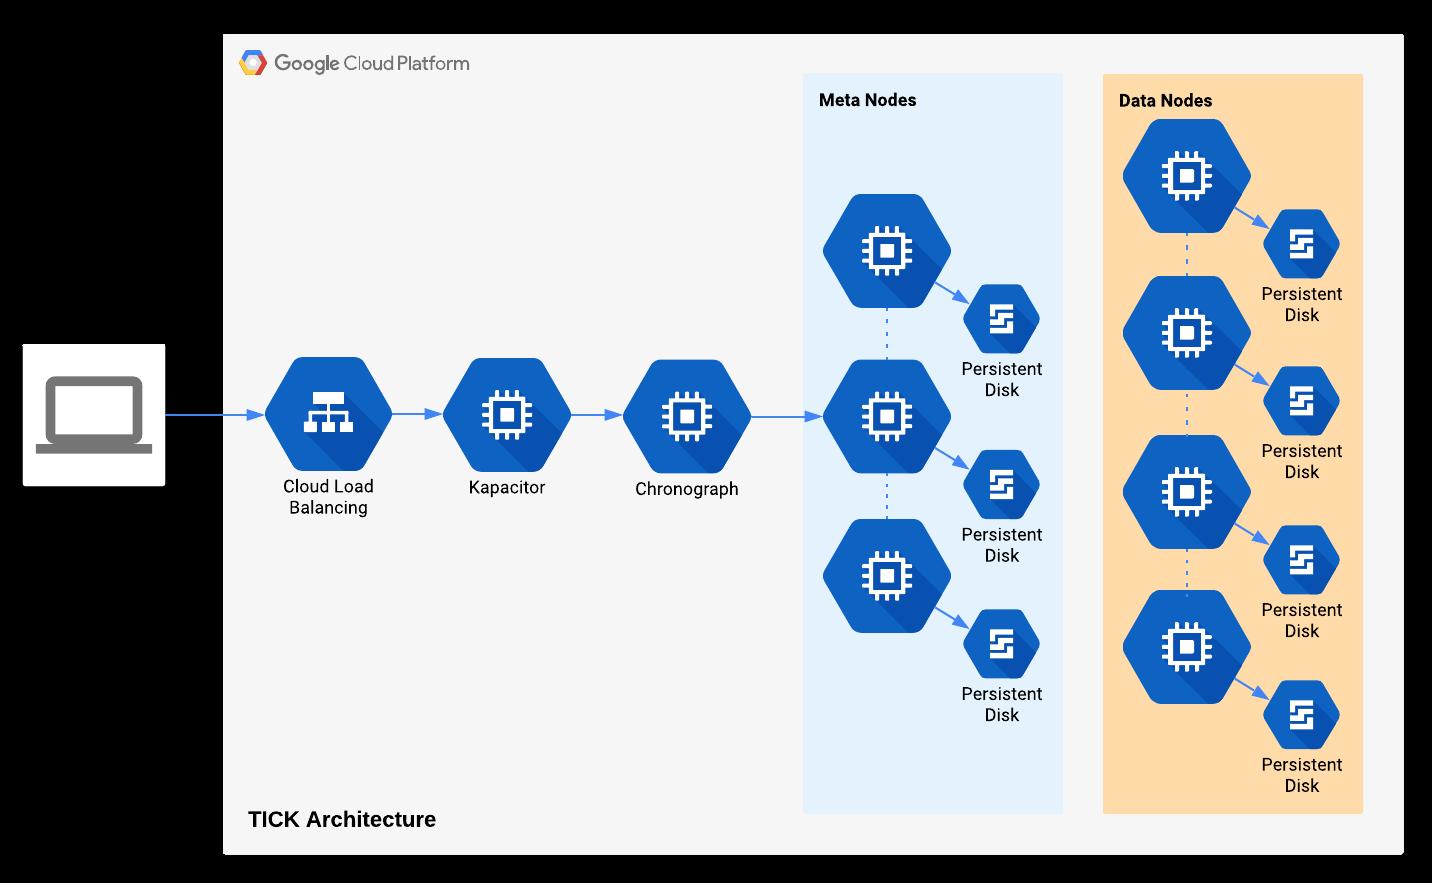 TICK multi-cluster architecture